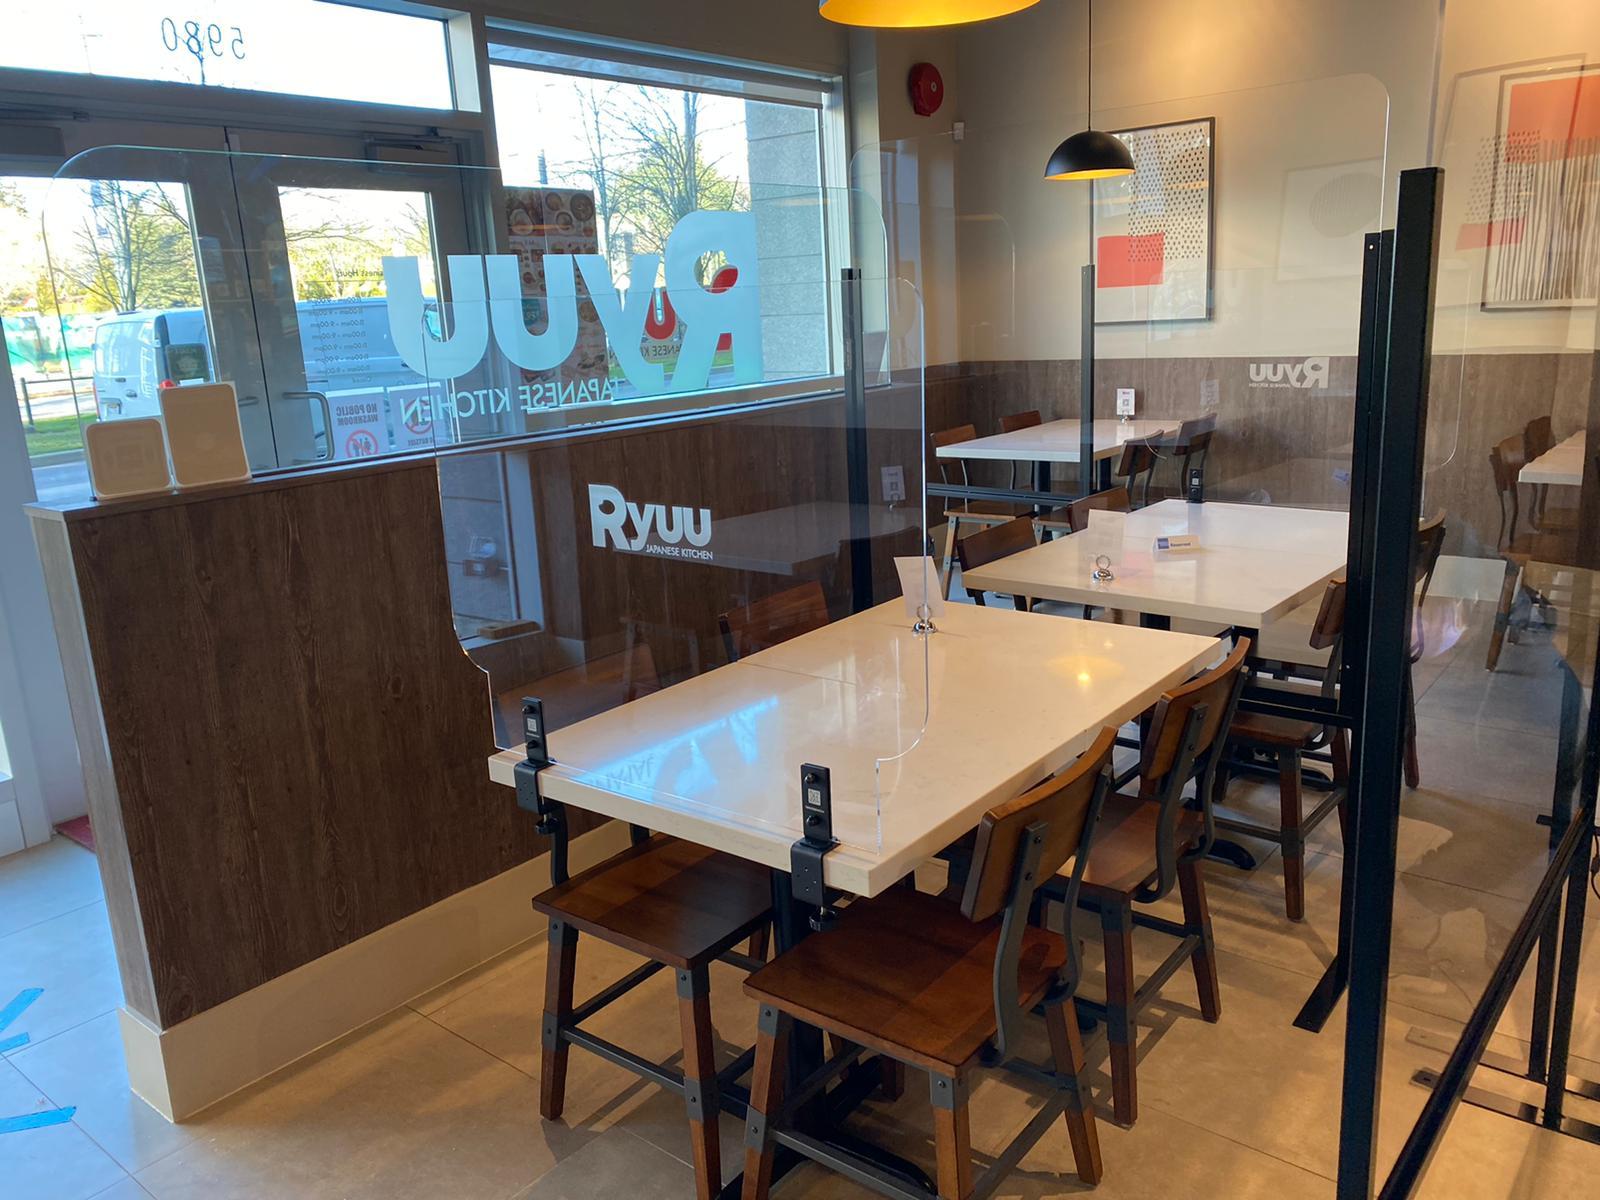 Restaurant Plexiglass Barrier